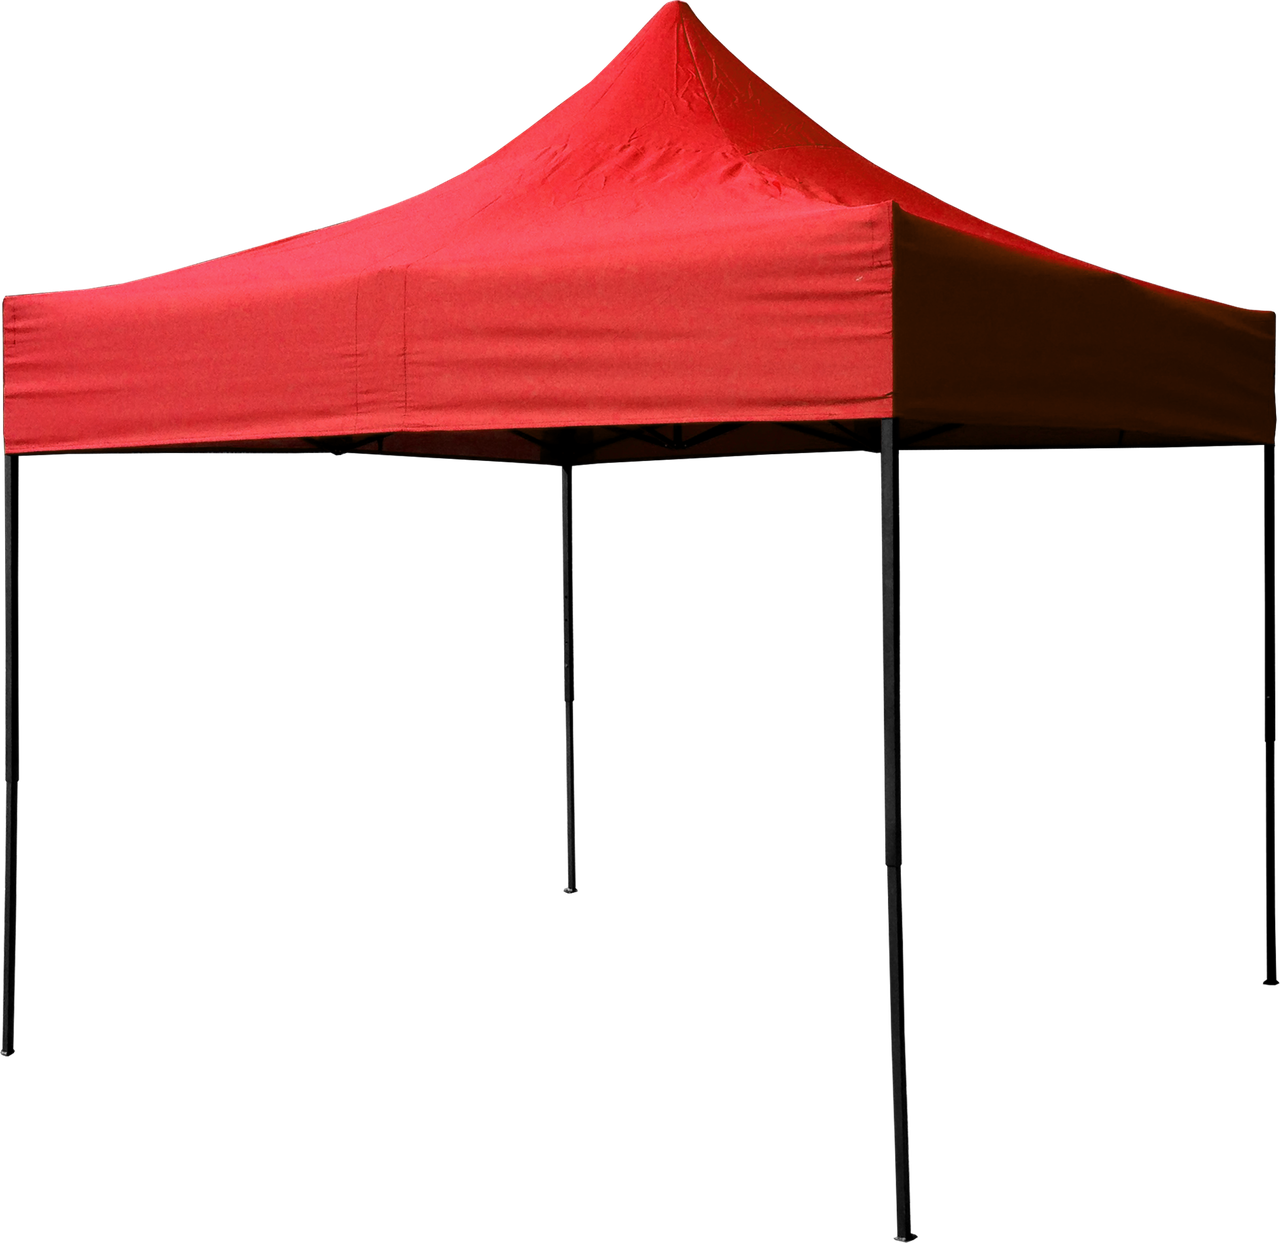 Шатер раздвижной гармошка, палатка, тент 2*3 м Красный павильйон, навес